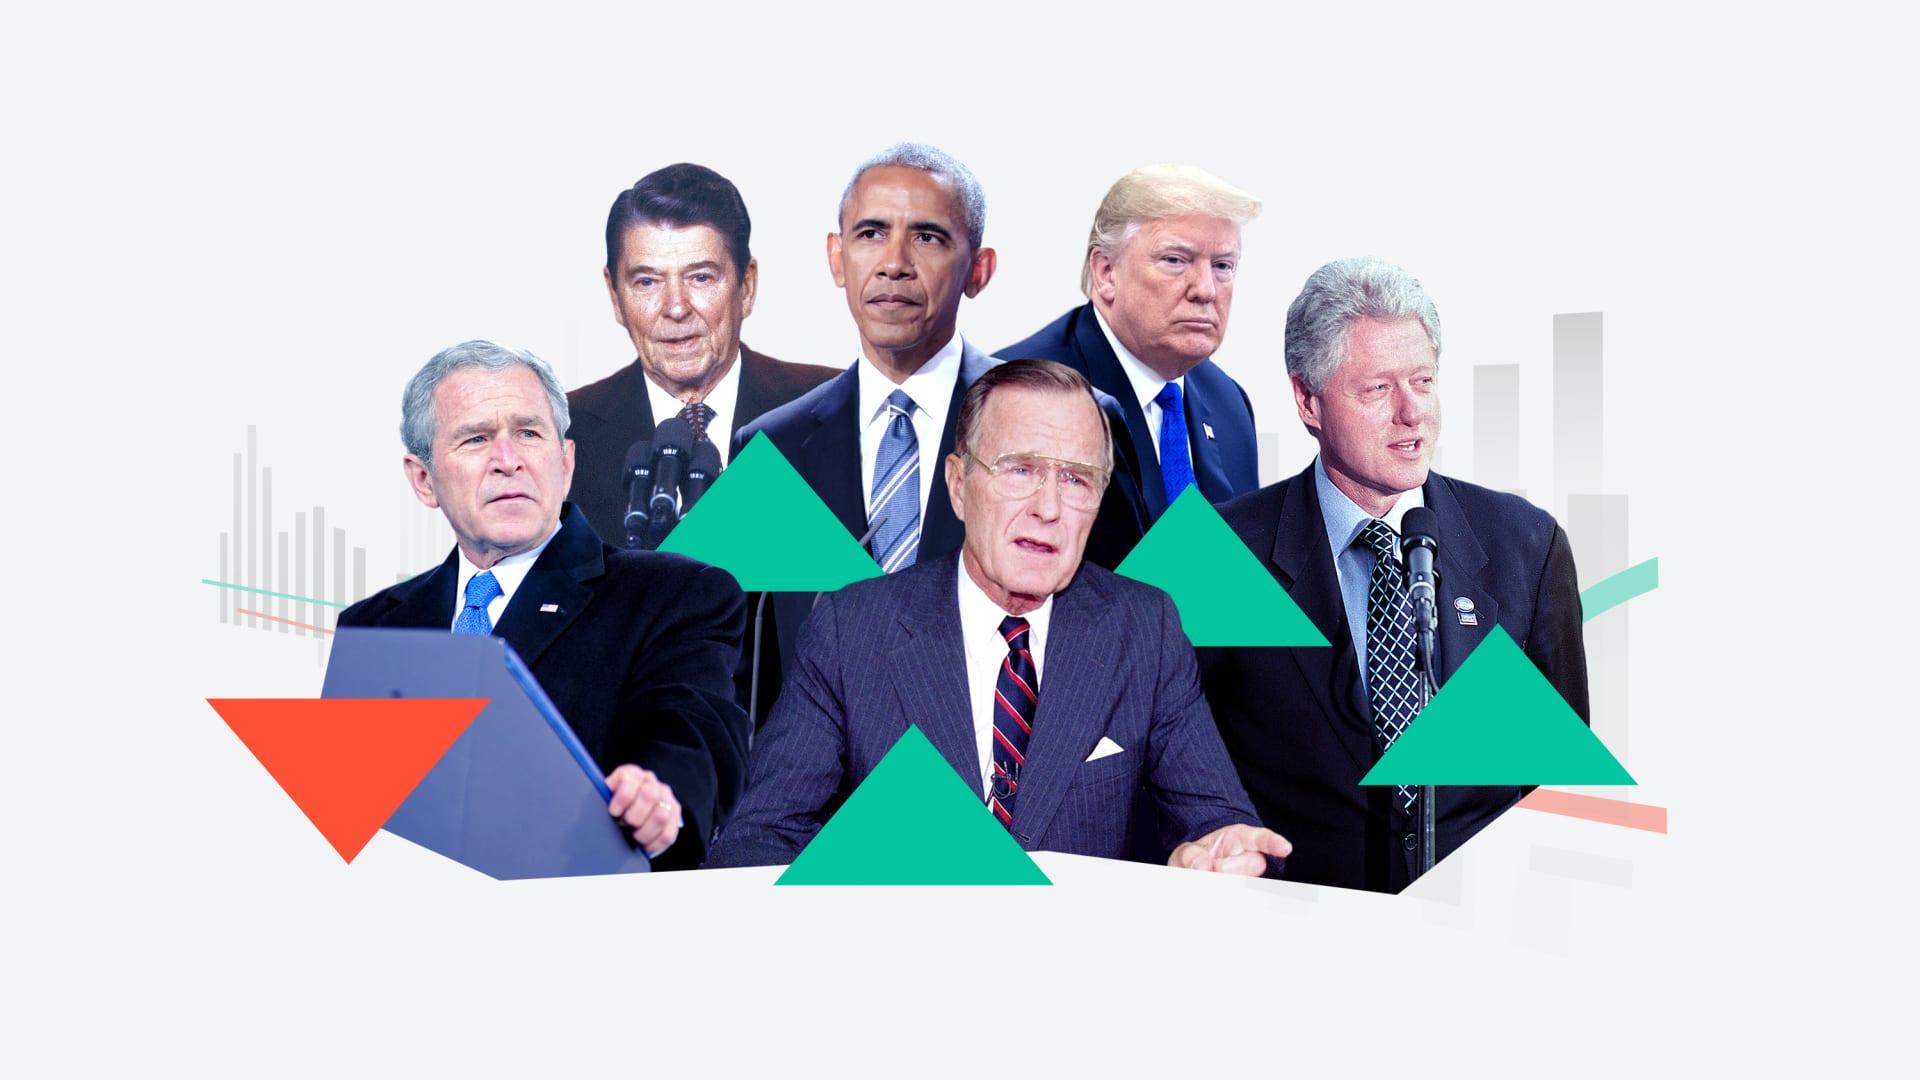 من ريغان إلى ترامب.. كيف كان أداء الأسهم في عهد الرؤساء السابقين؟